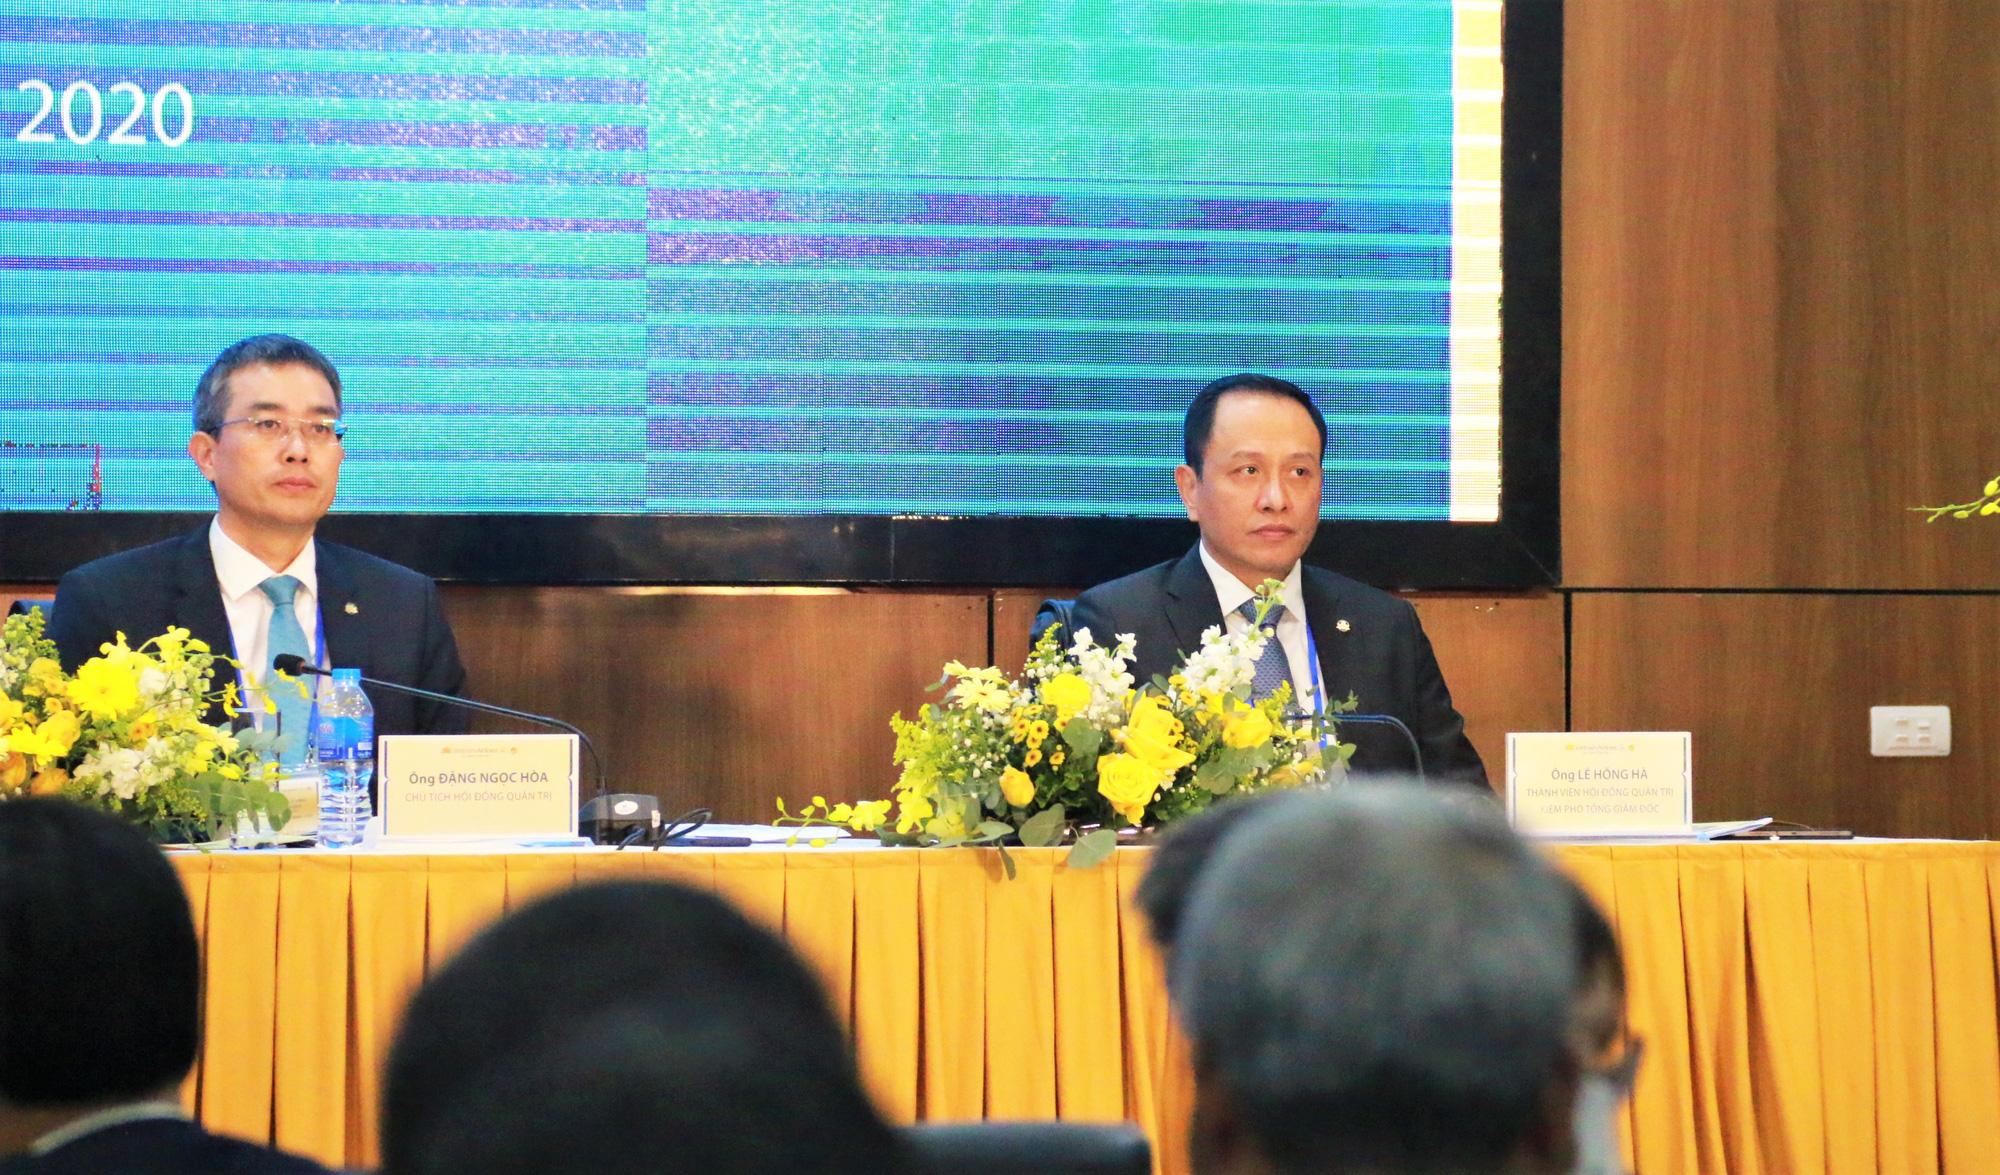 Lãnh đạo và nhân viên Vietnam Airlines sở hữu bao nhiêu cổ phiếu HVN? - Ảnh 1.